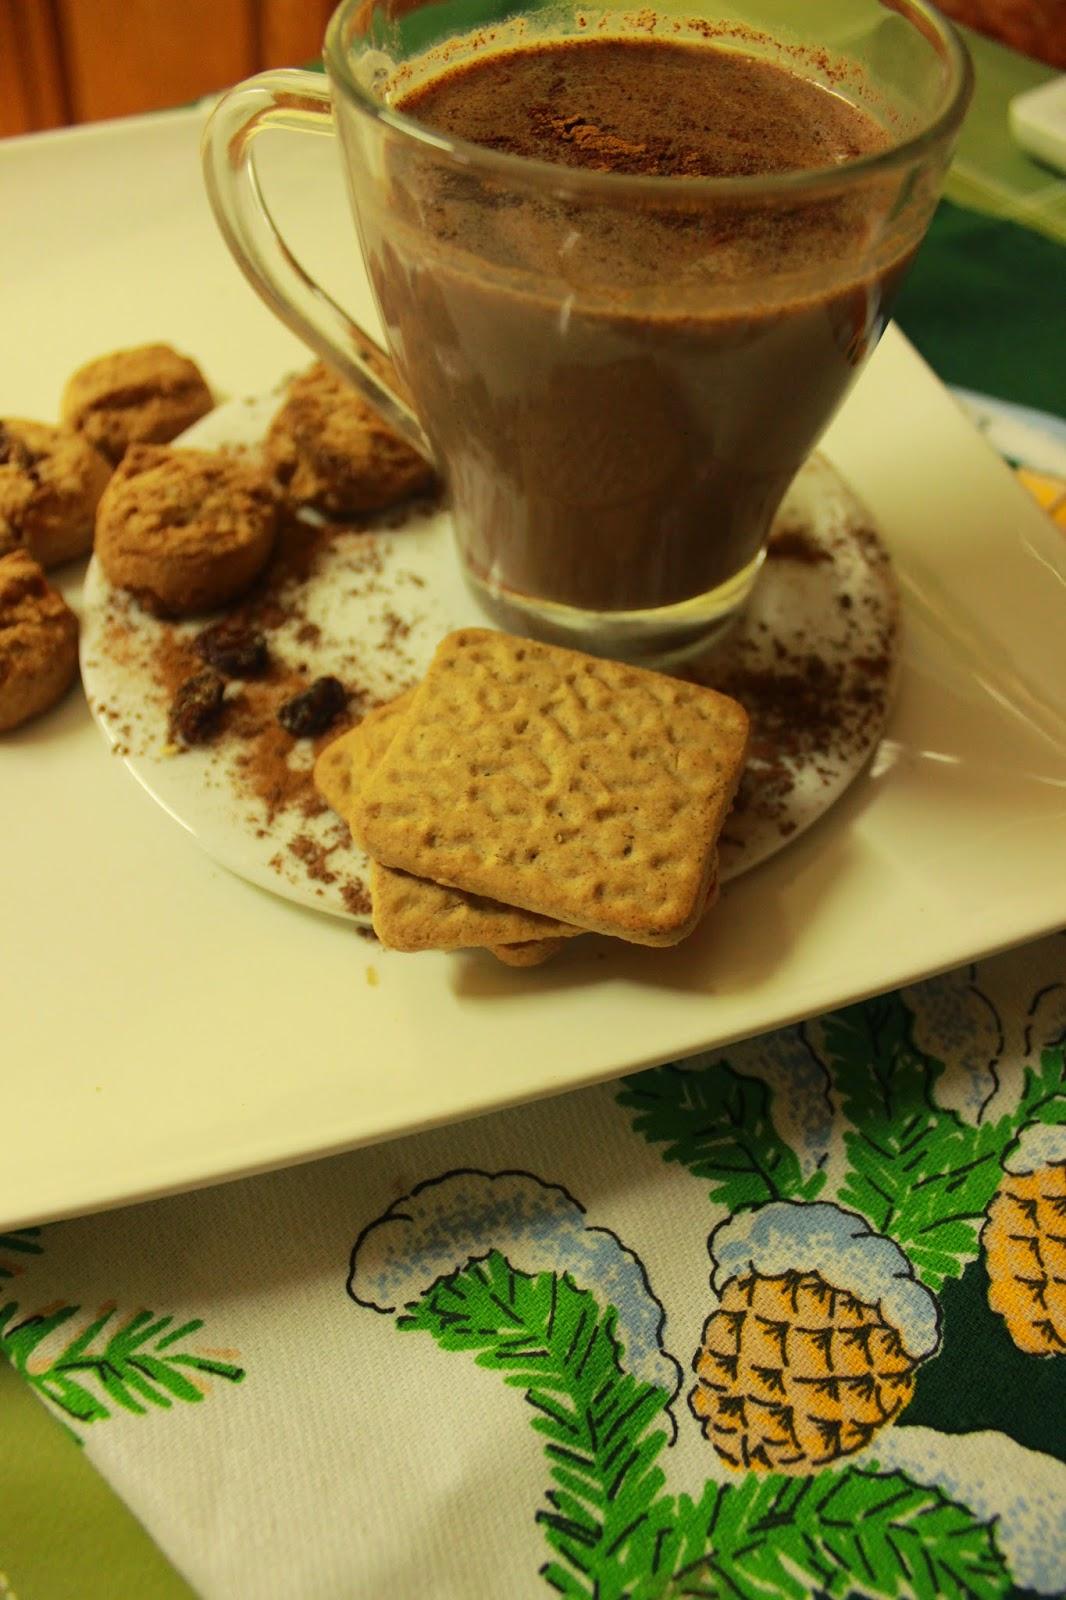 Cokoladni topli napitak